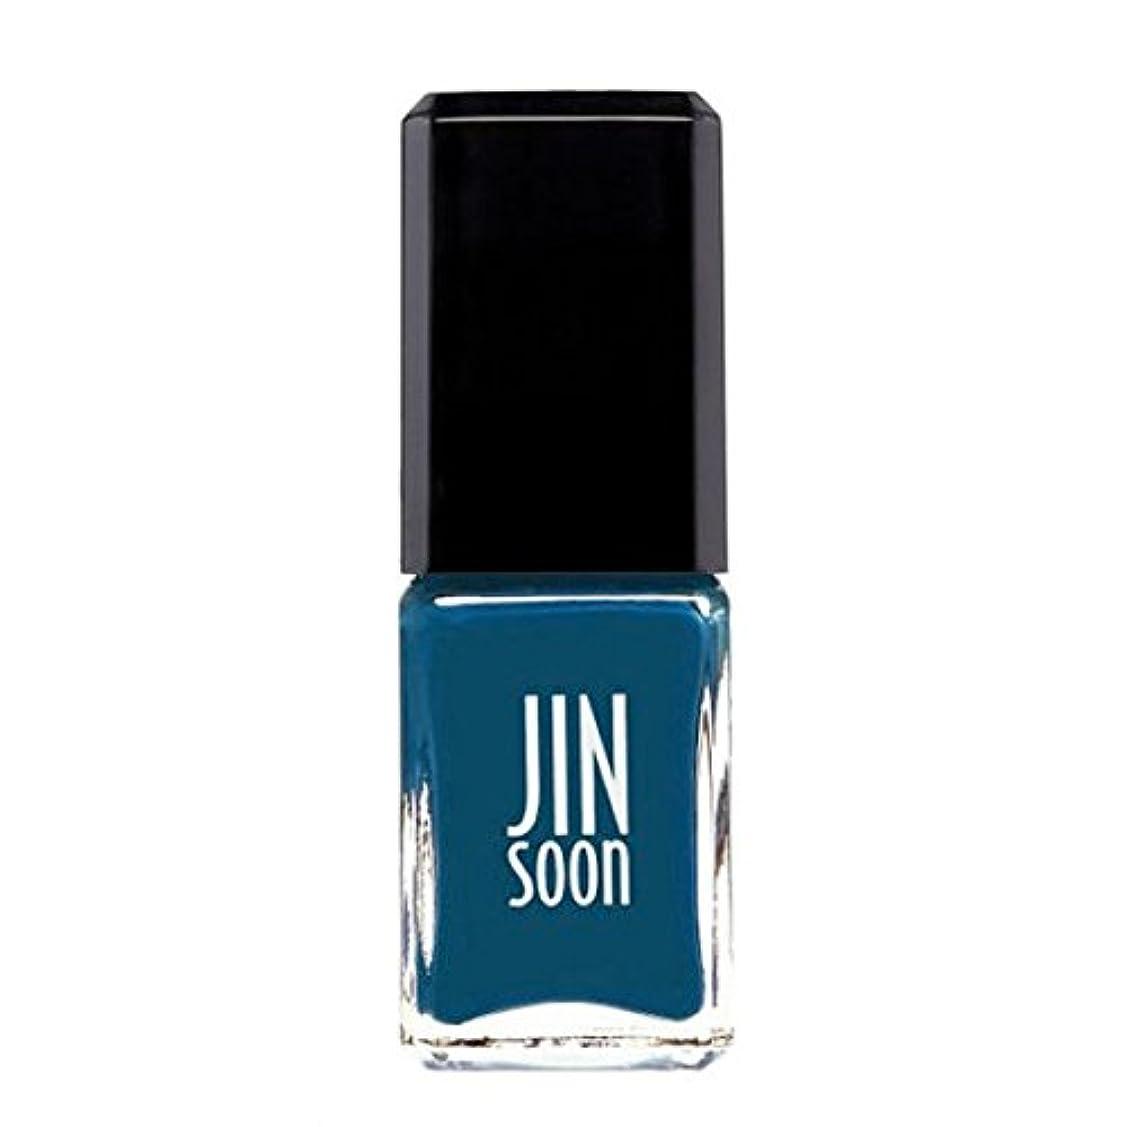 ローラーユーザー去る[ジンスーン] [ jinsoon] ボウ(ティールブルー) BEAU ジンスーン 5フリー ネイルポリッシュ ネイルカラー系統:ティールブルー teal blue 11mL